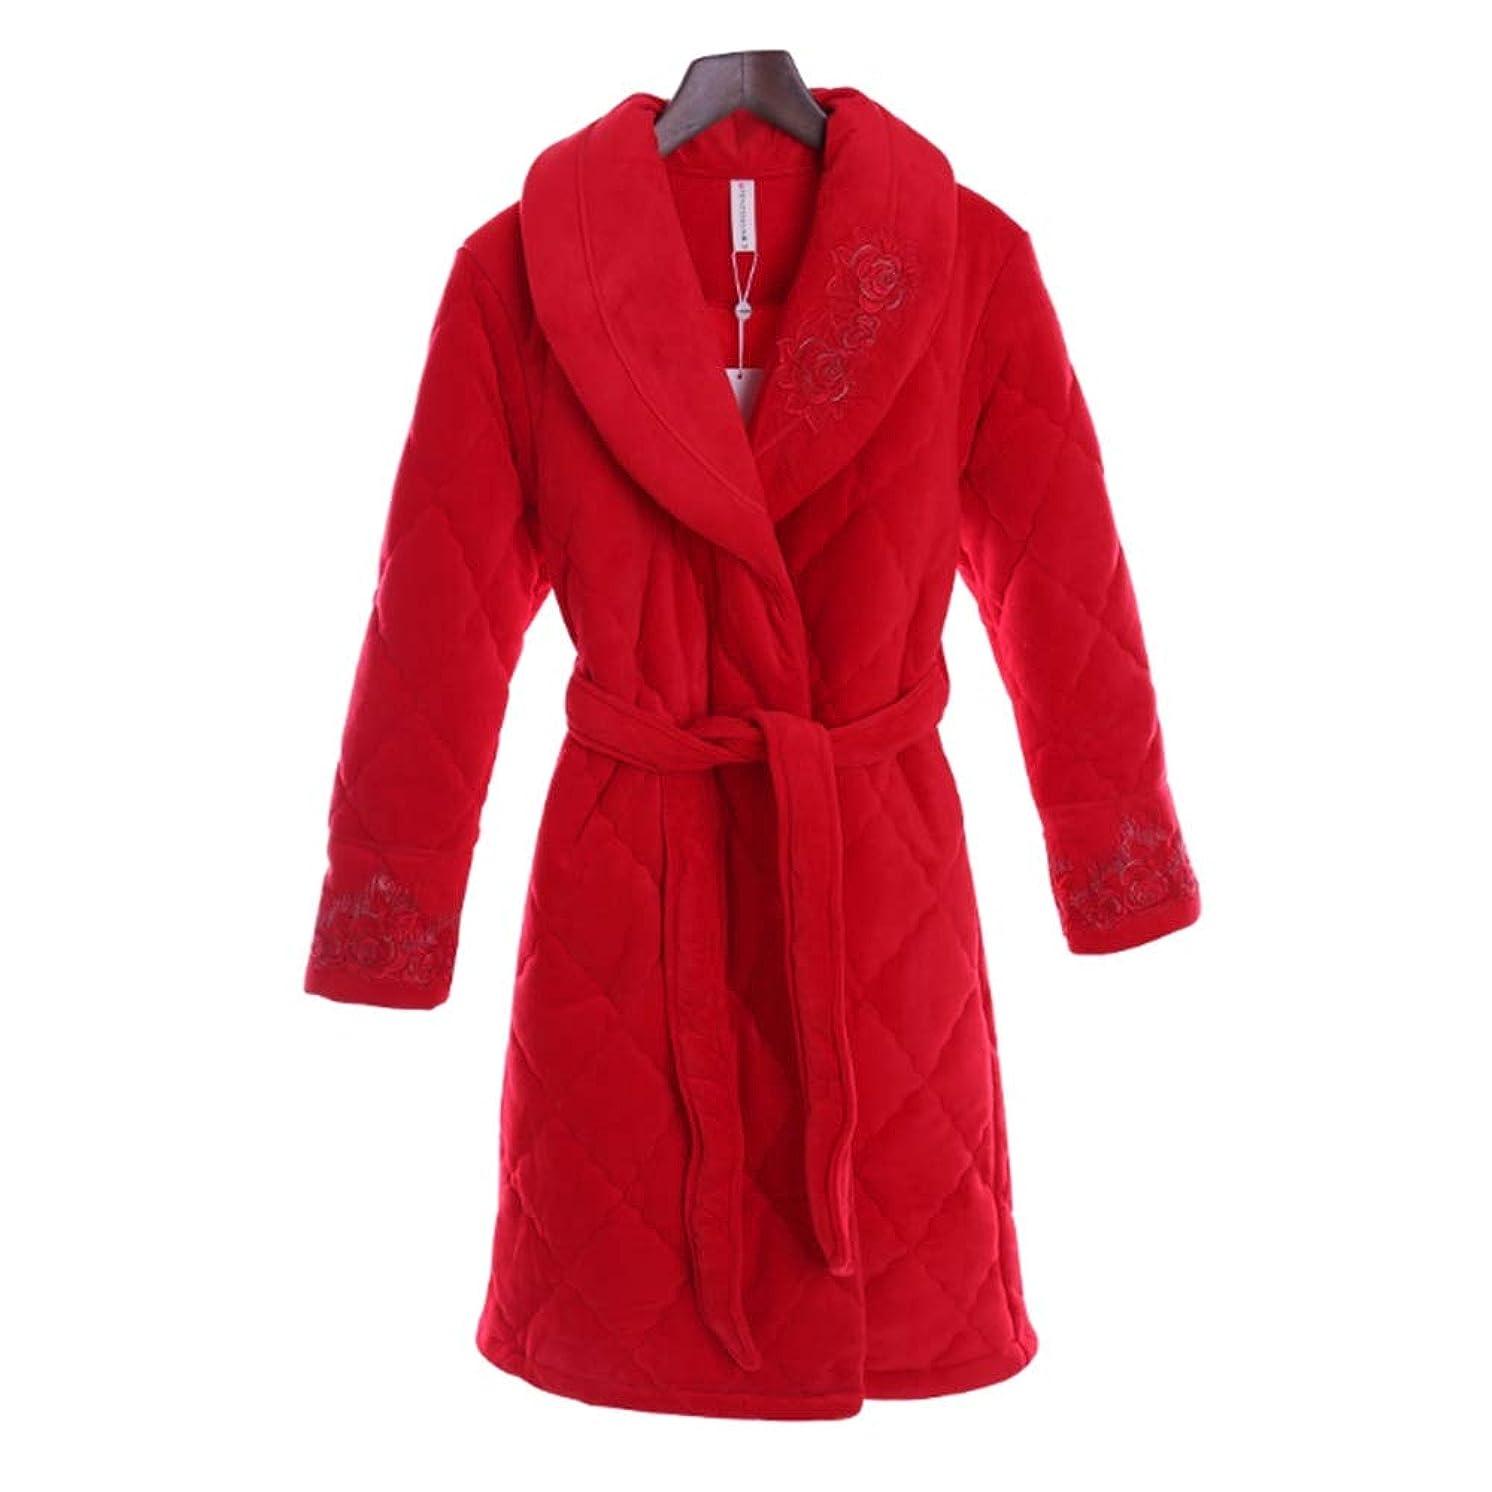 椅子パッドご覧くださいNAN liang 赤いバスローブ女性の高級ローブ綿100%バスローブ三層トラックスーツ厚く暖かいナイトガウン (サイズ さいず : M)